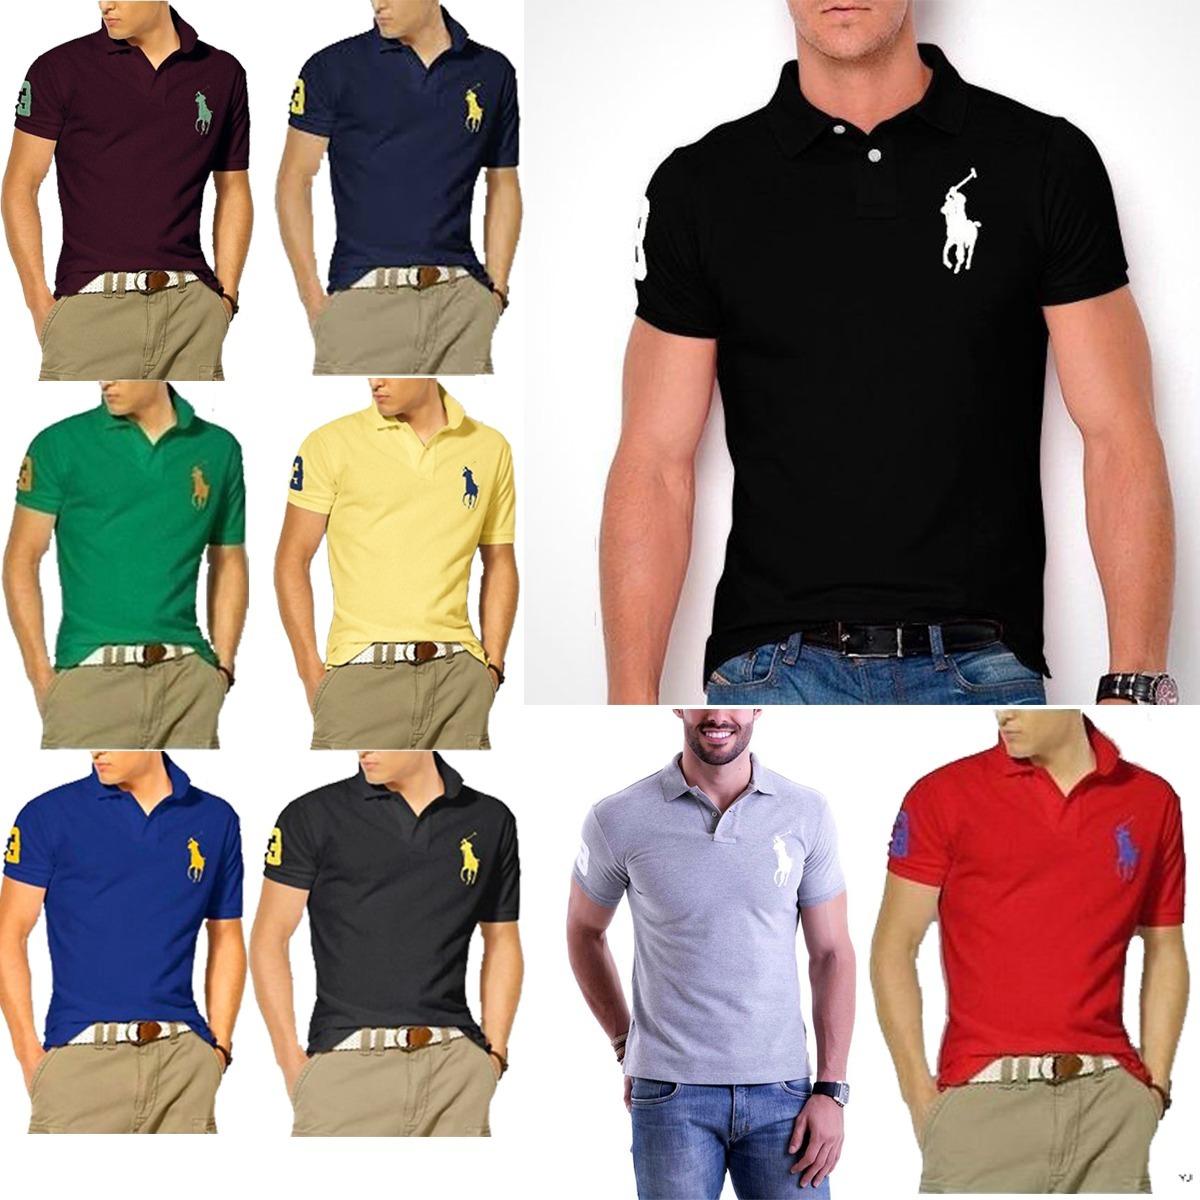 f832744698 camisa gola polo masculina  oferta. Carregando zoom.